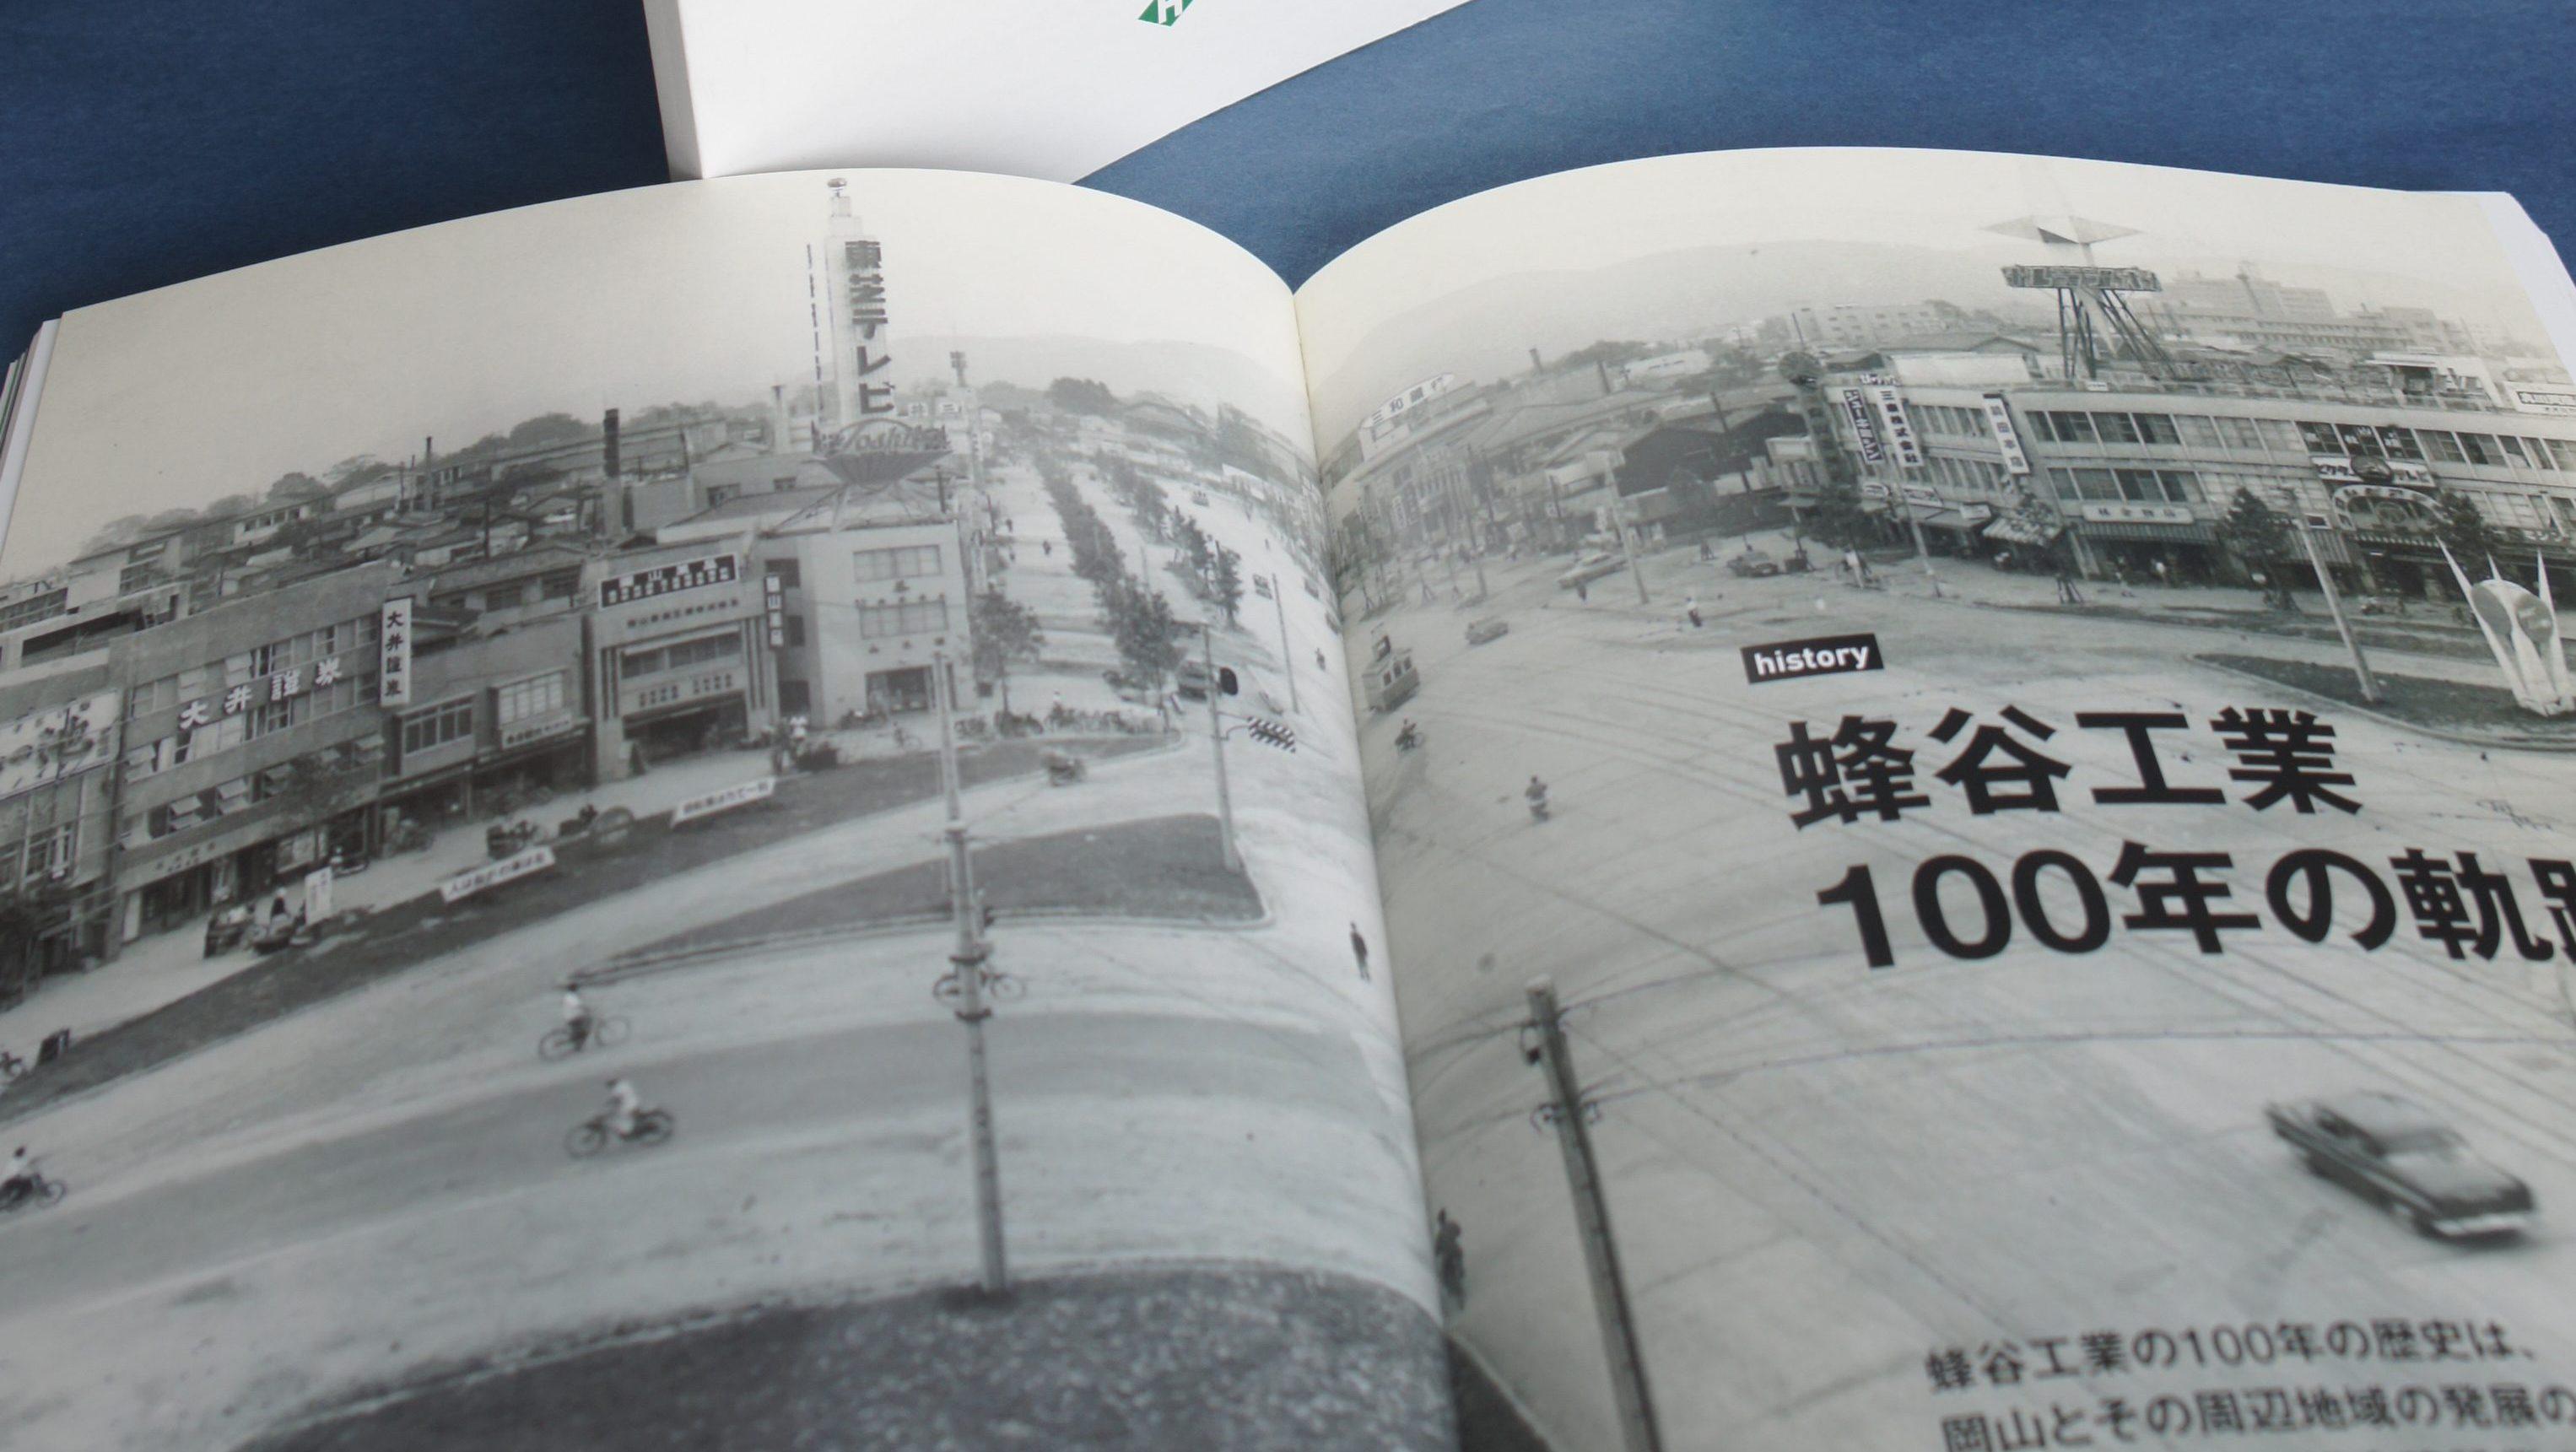 『誇りあるローカルゼネコンを目指して――蜂谷工業創業100周年記念誌』